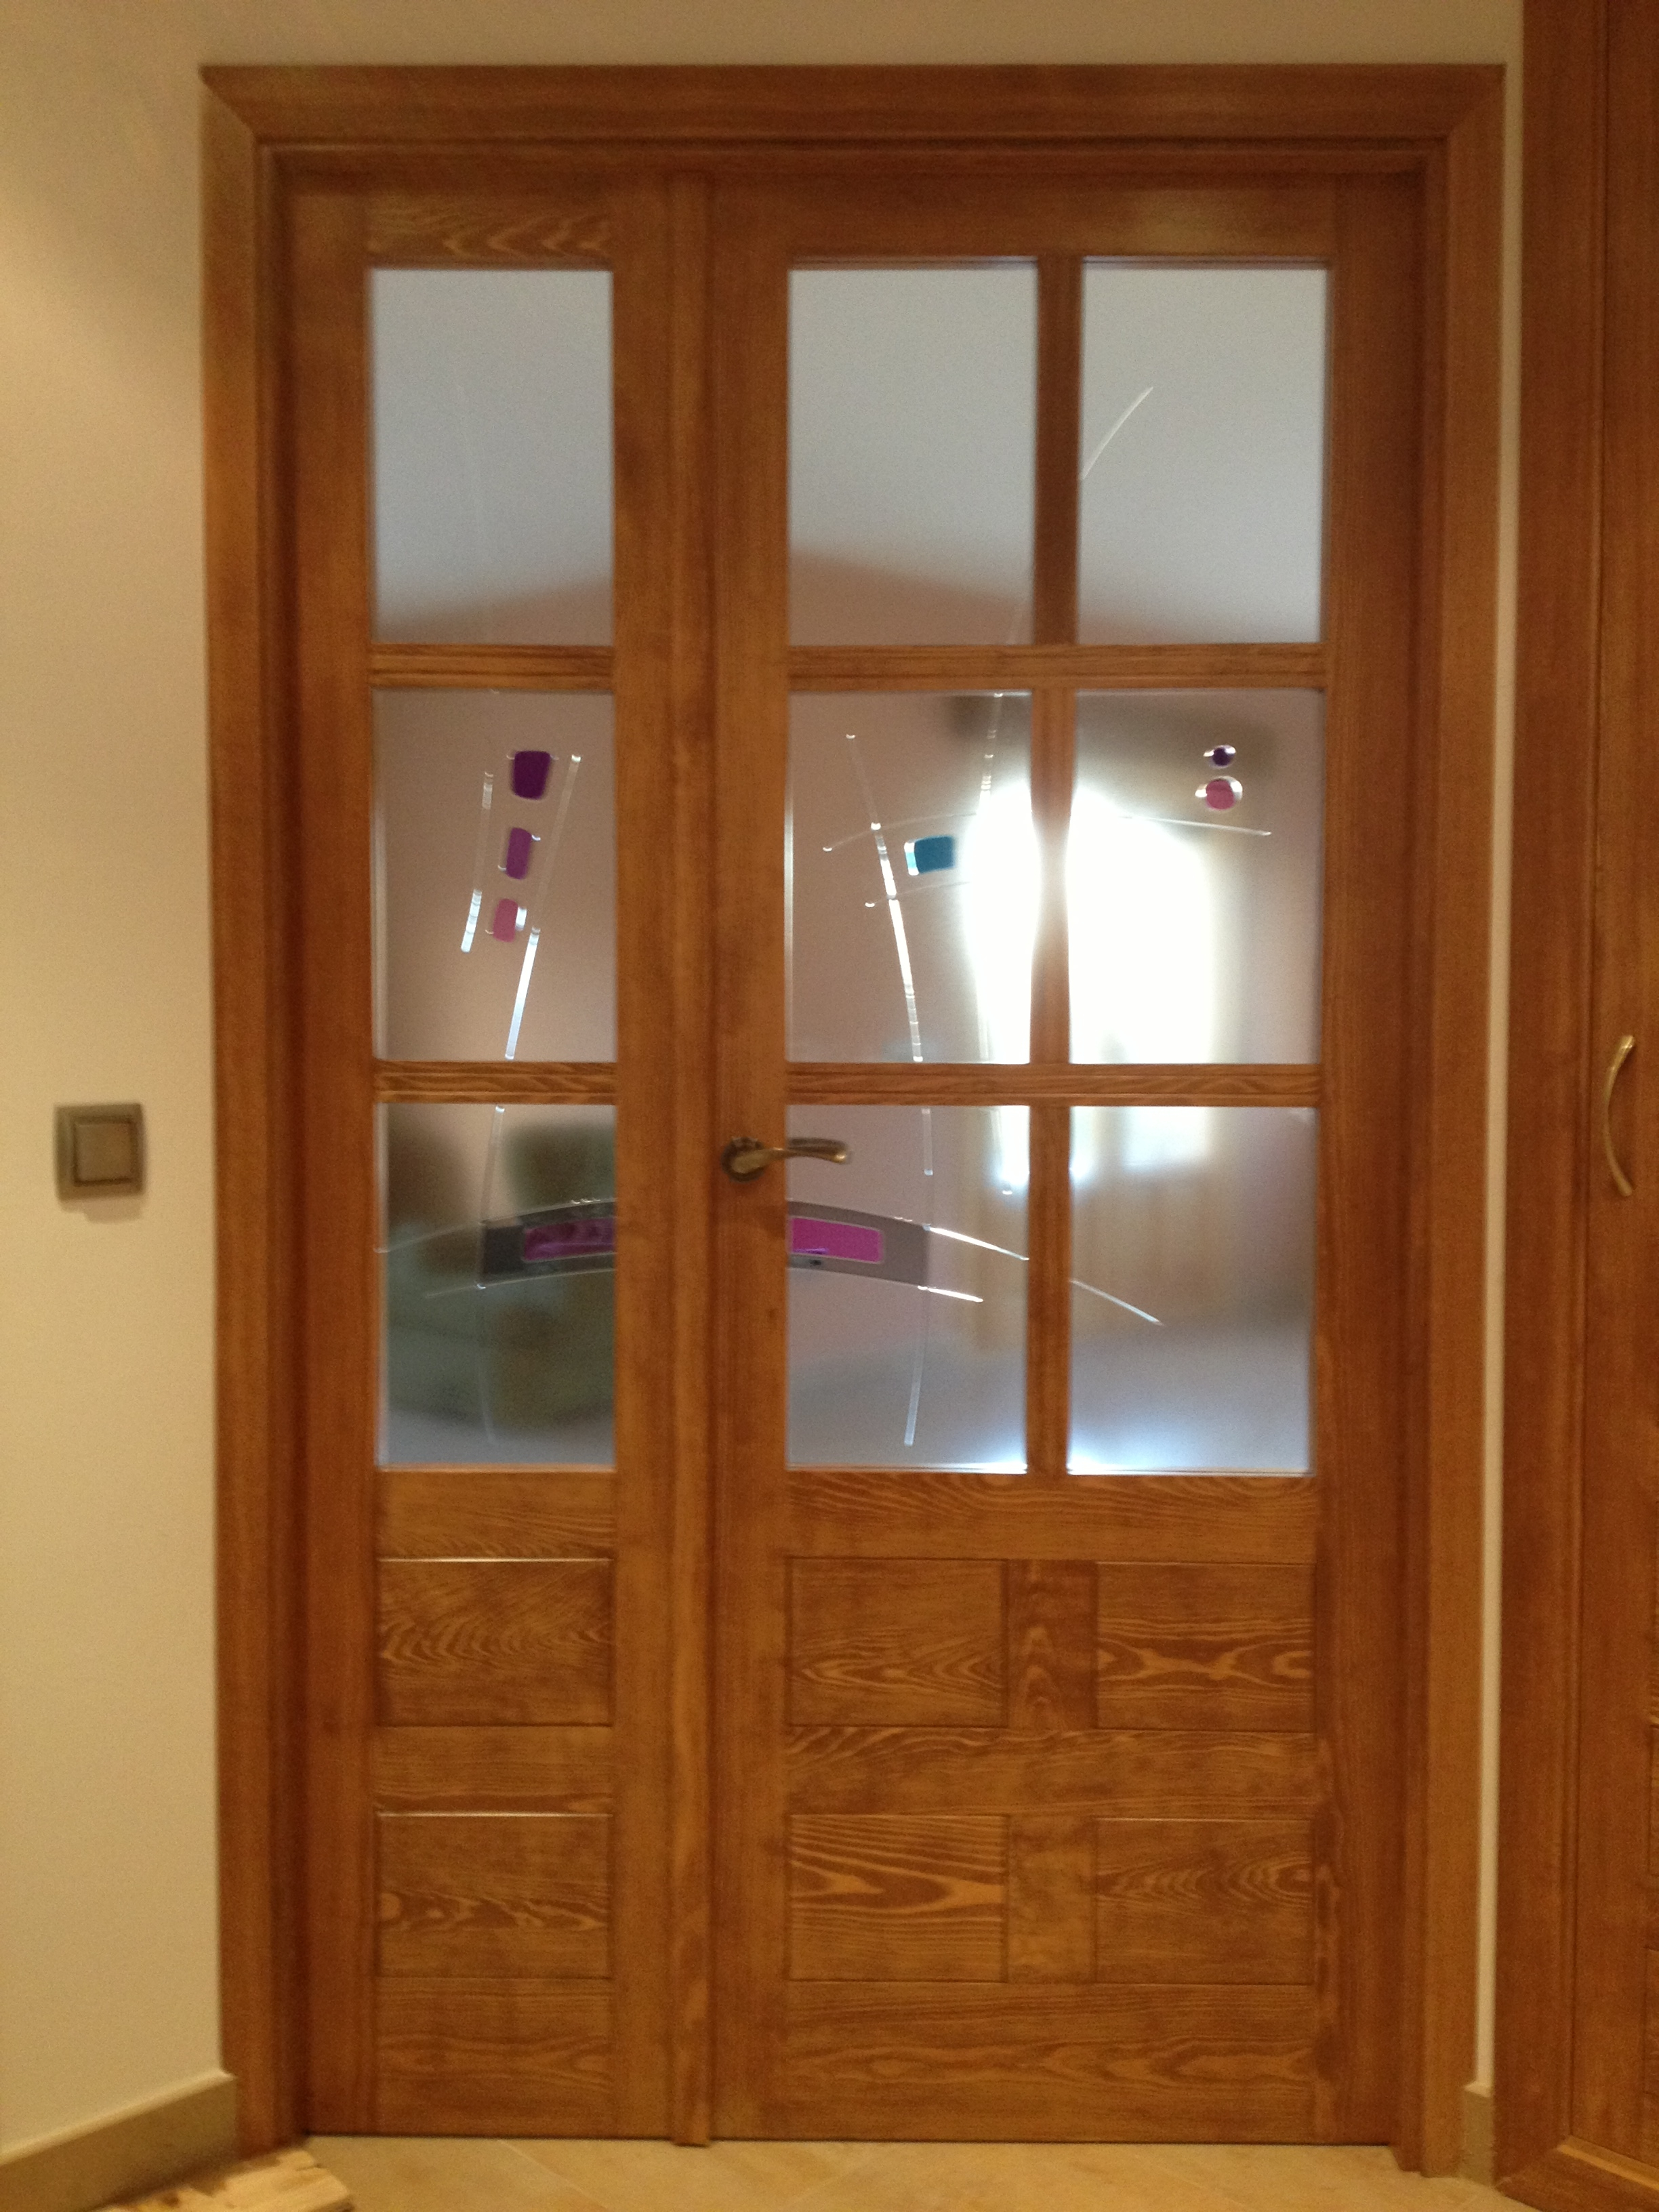 Cristales puertas interior materiales de construcci n for Cristales para puertas de interior